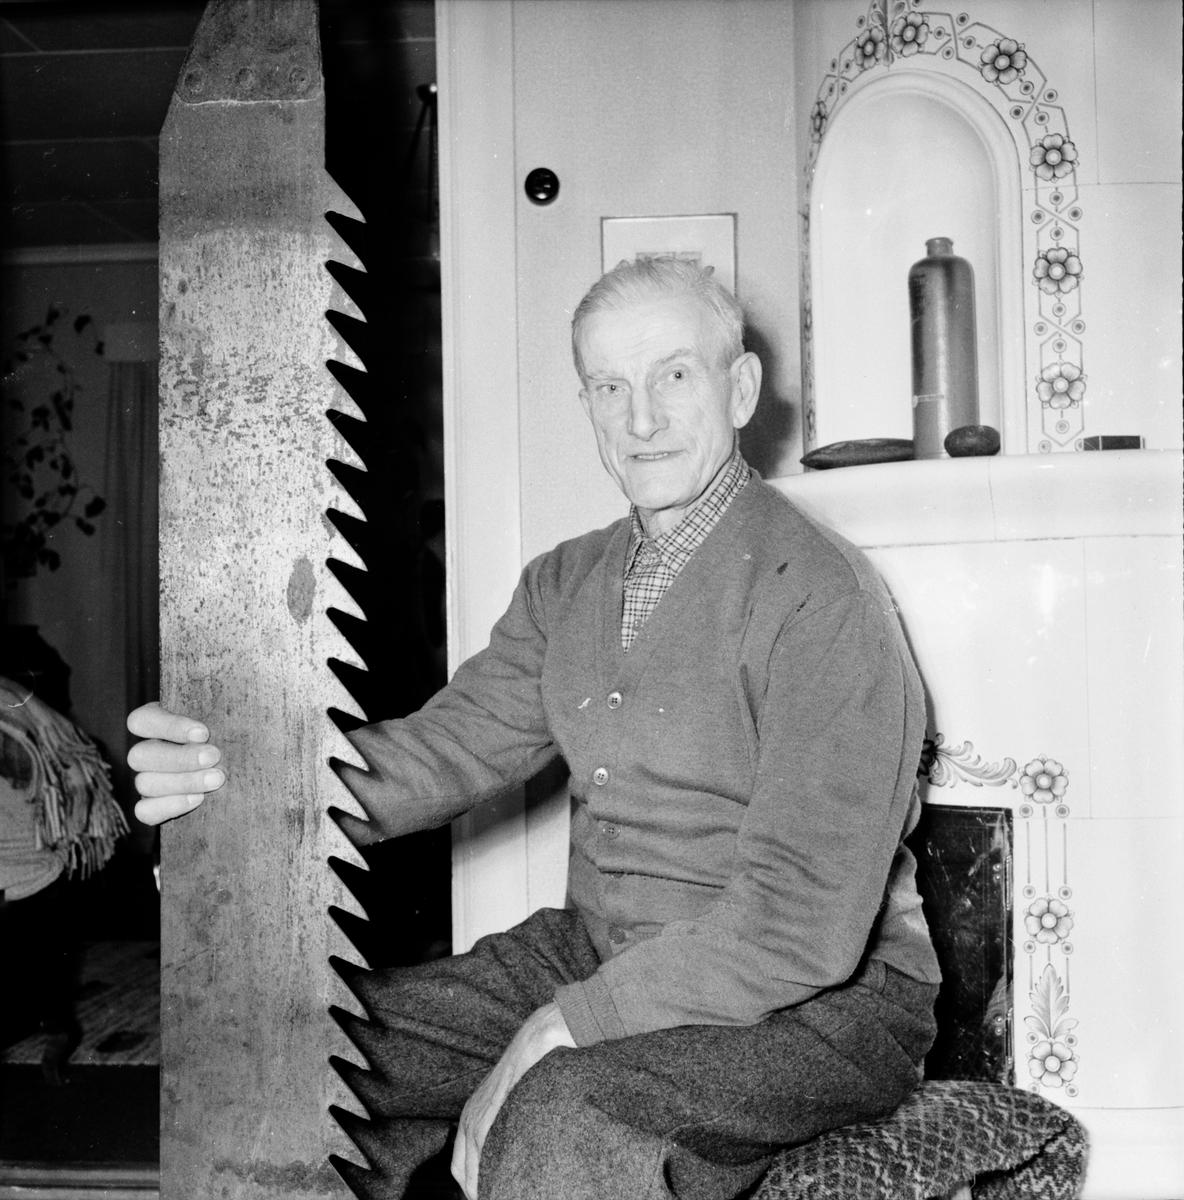 Eriksson Ander. Jan-Anders. Övre Höle 1955